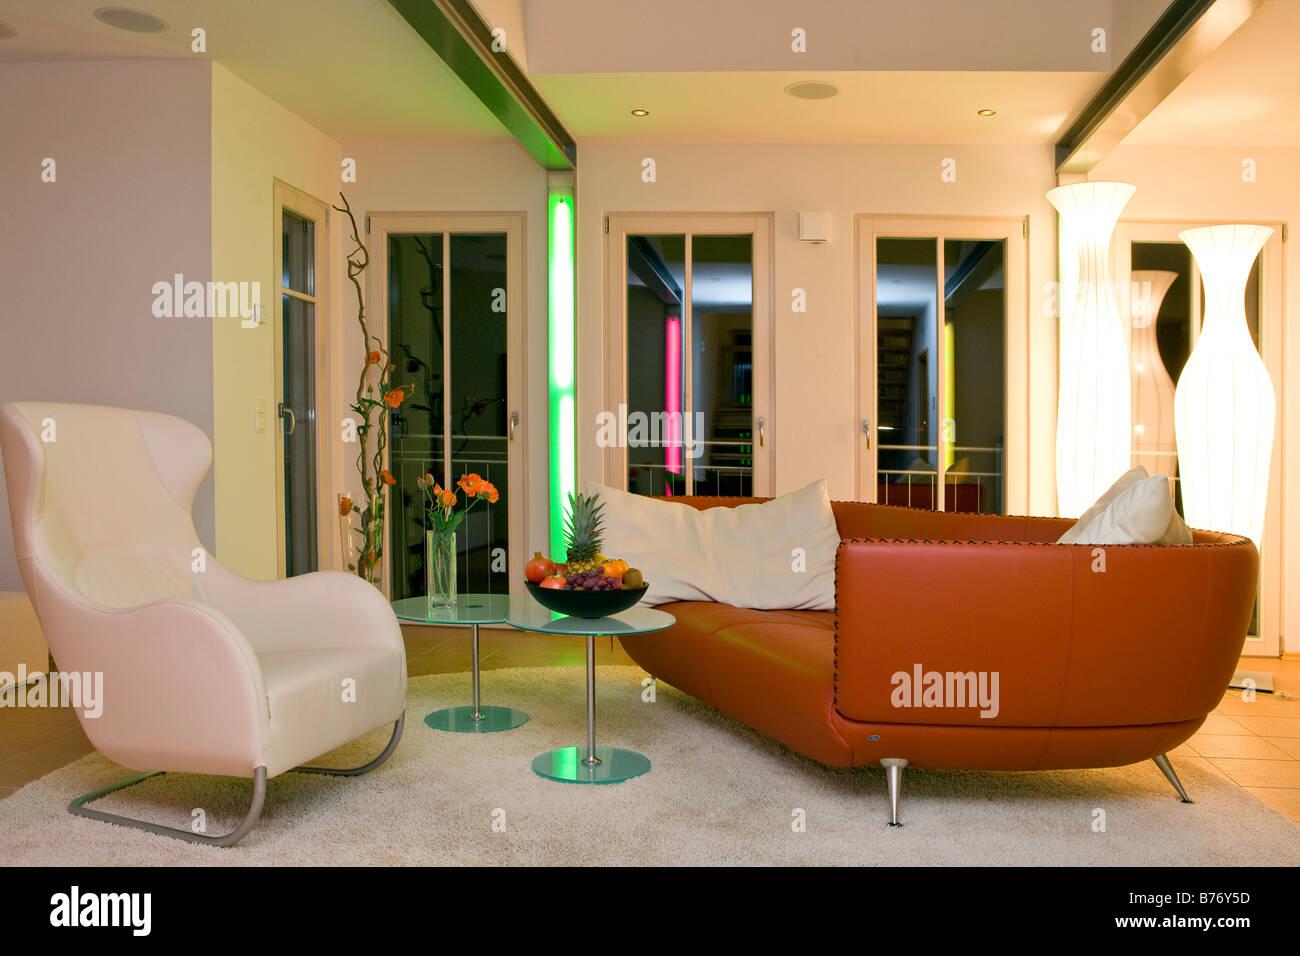 Modernes Wohnzimmer, modern living room Banque D'Images